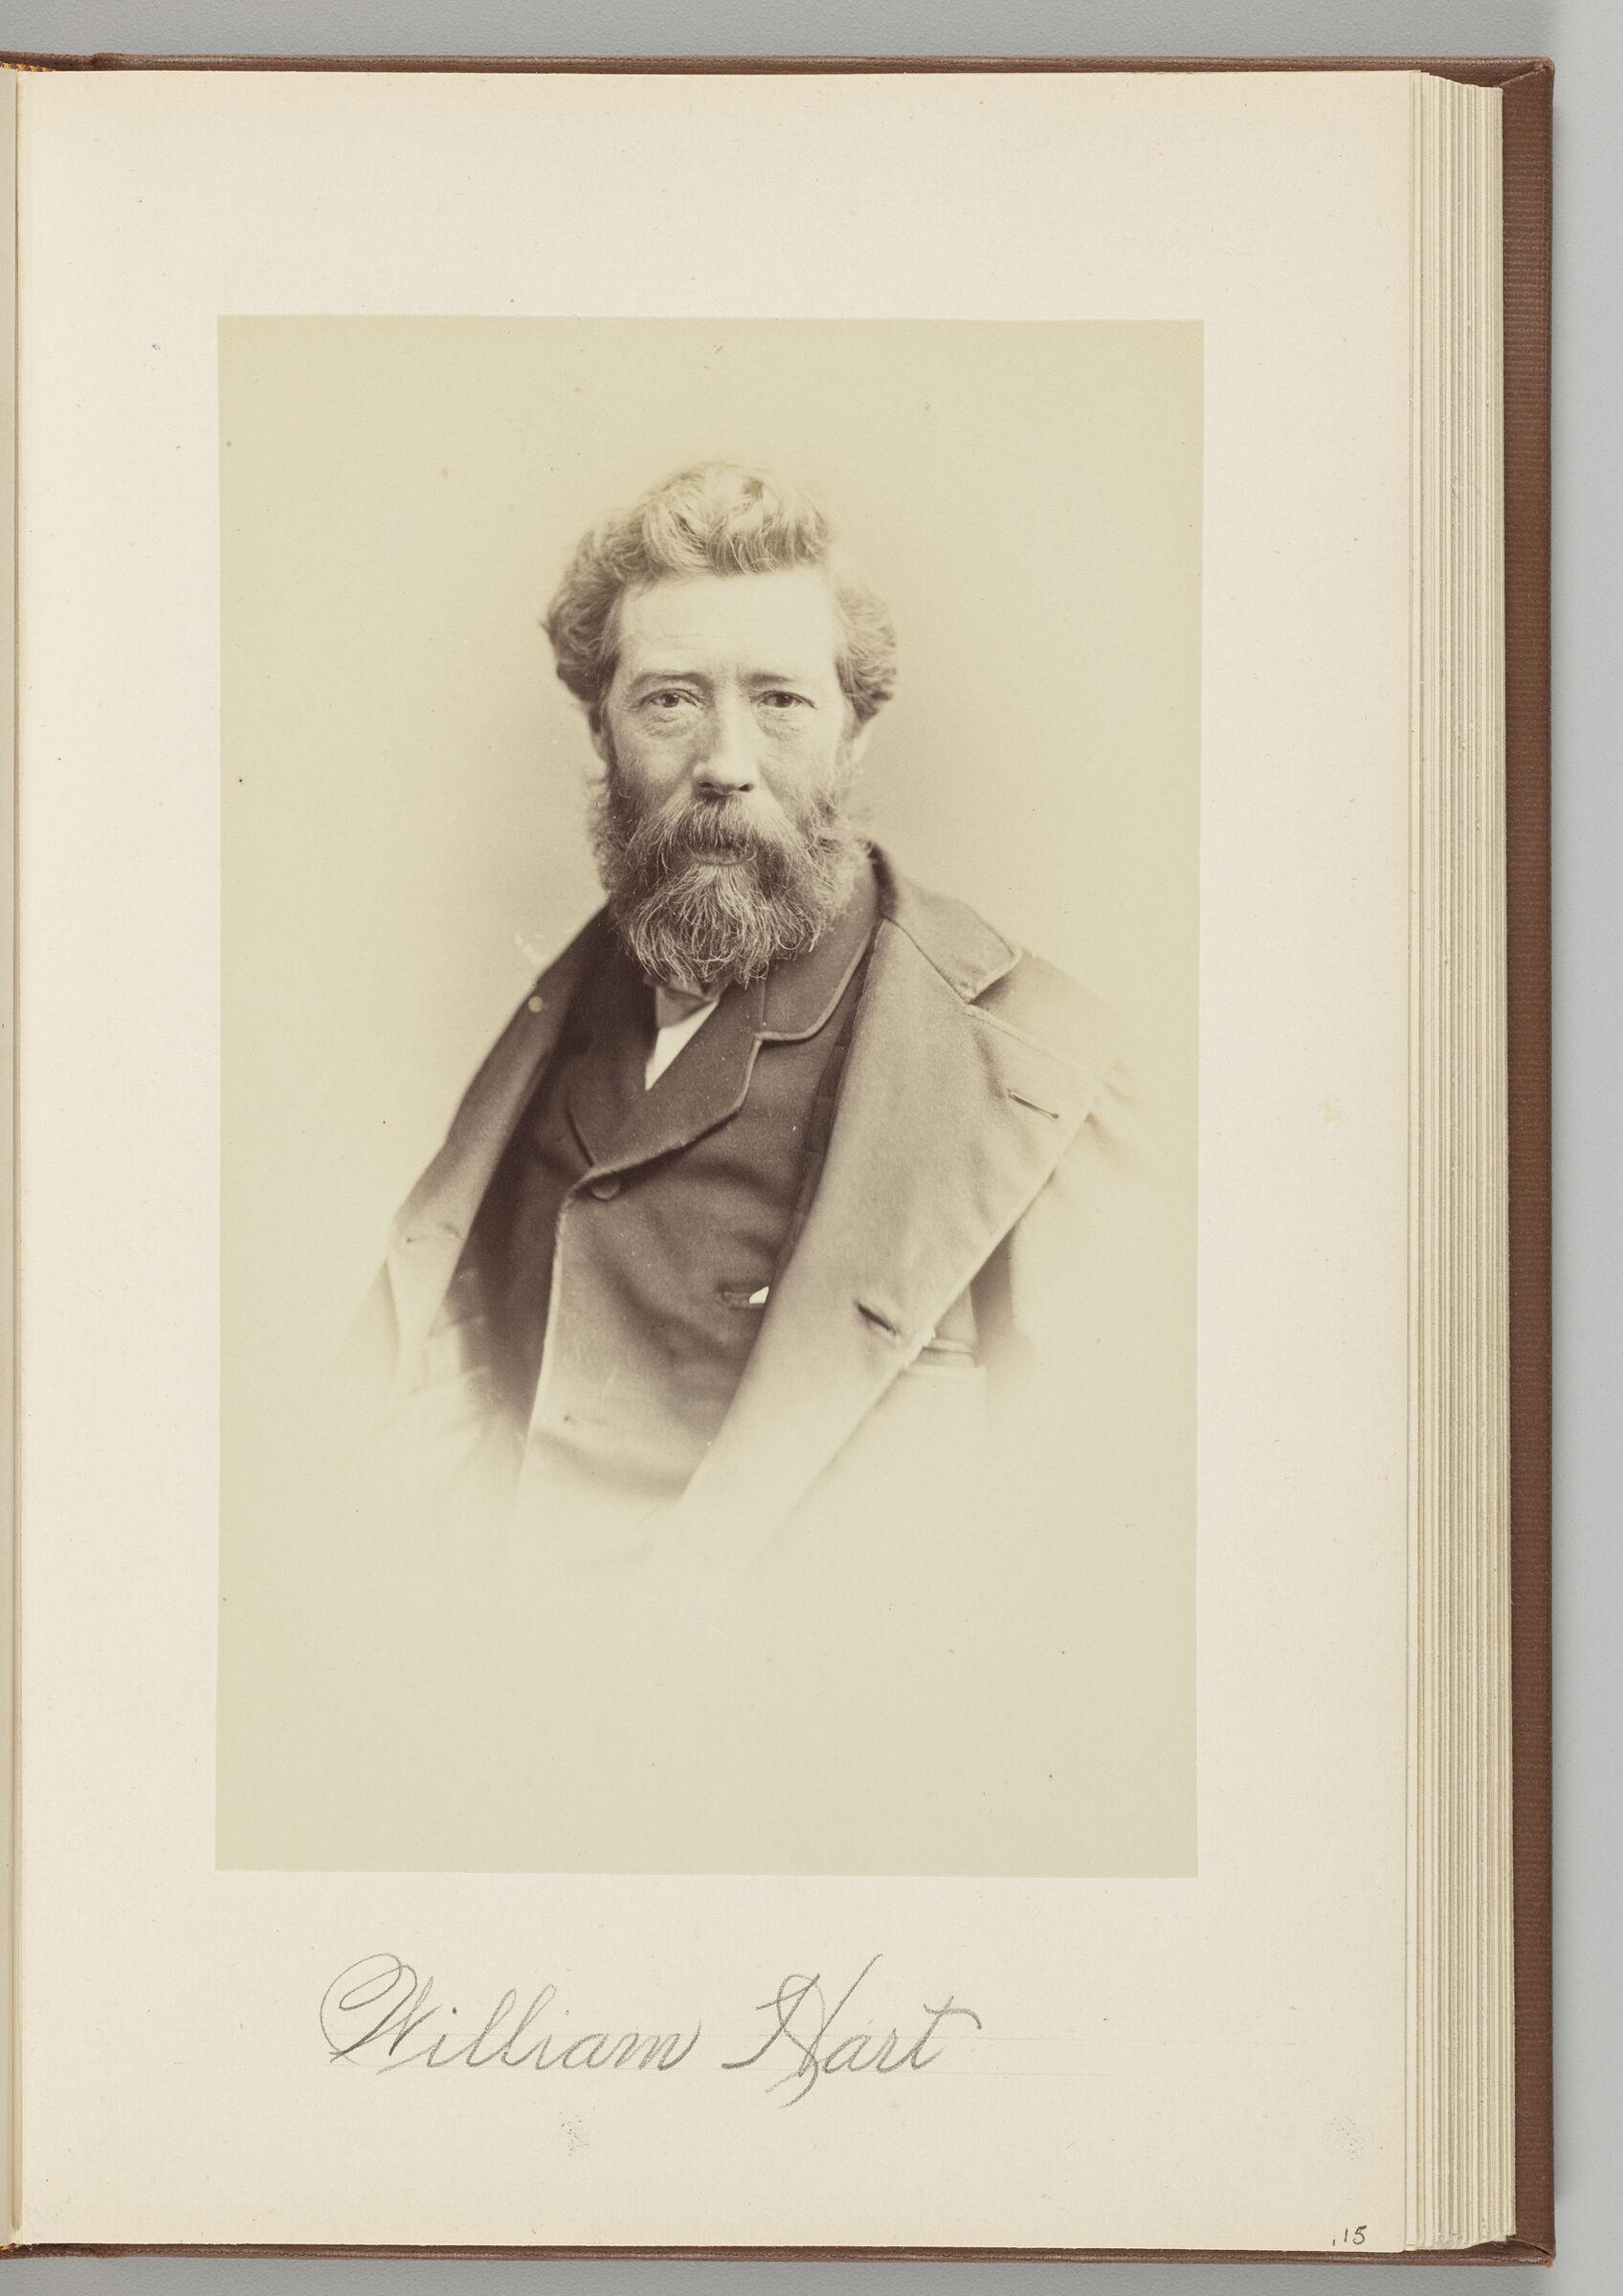 William Hart (1823-1894)